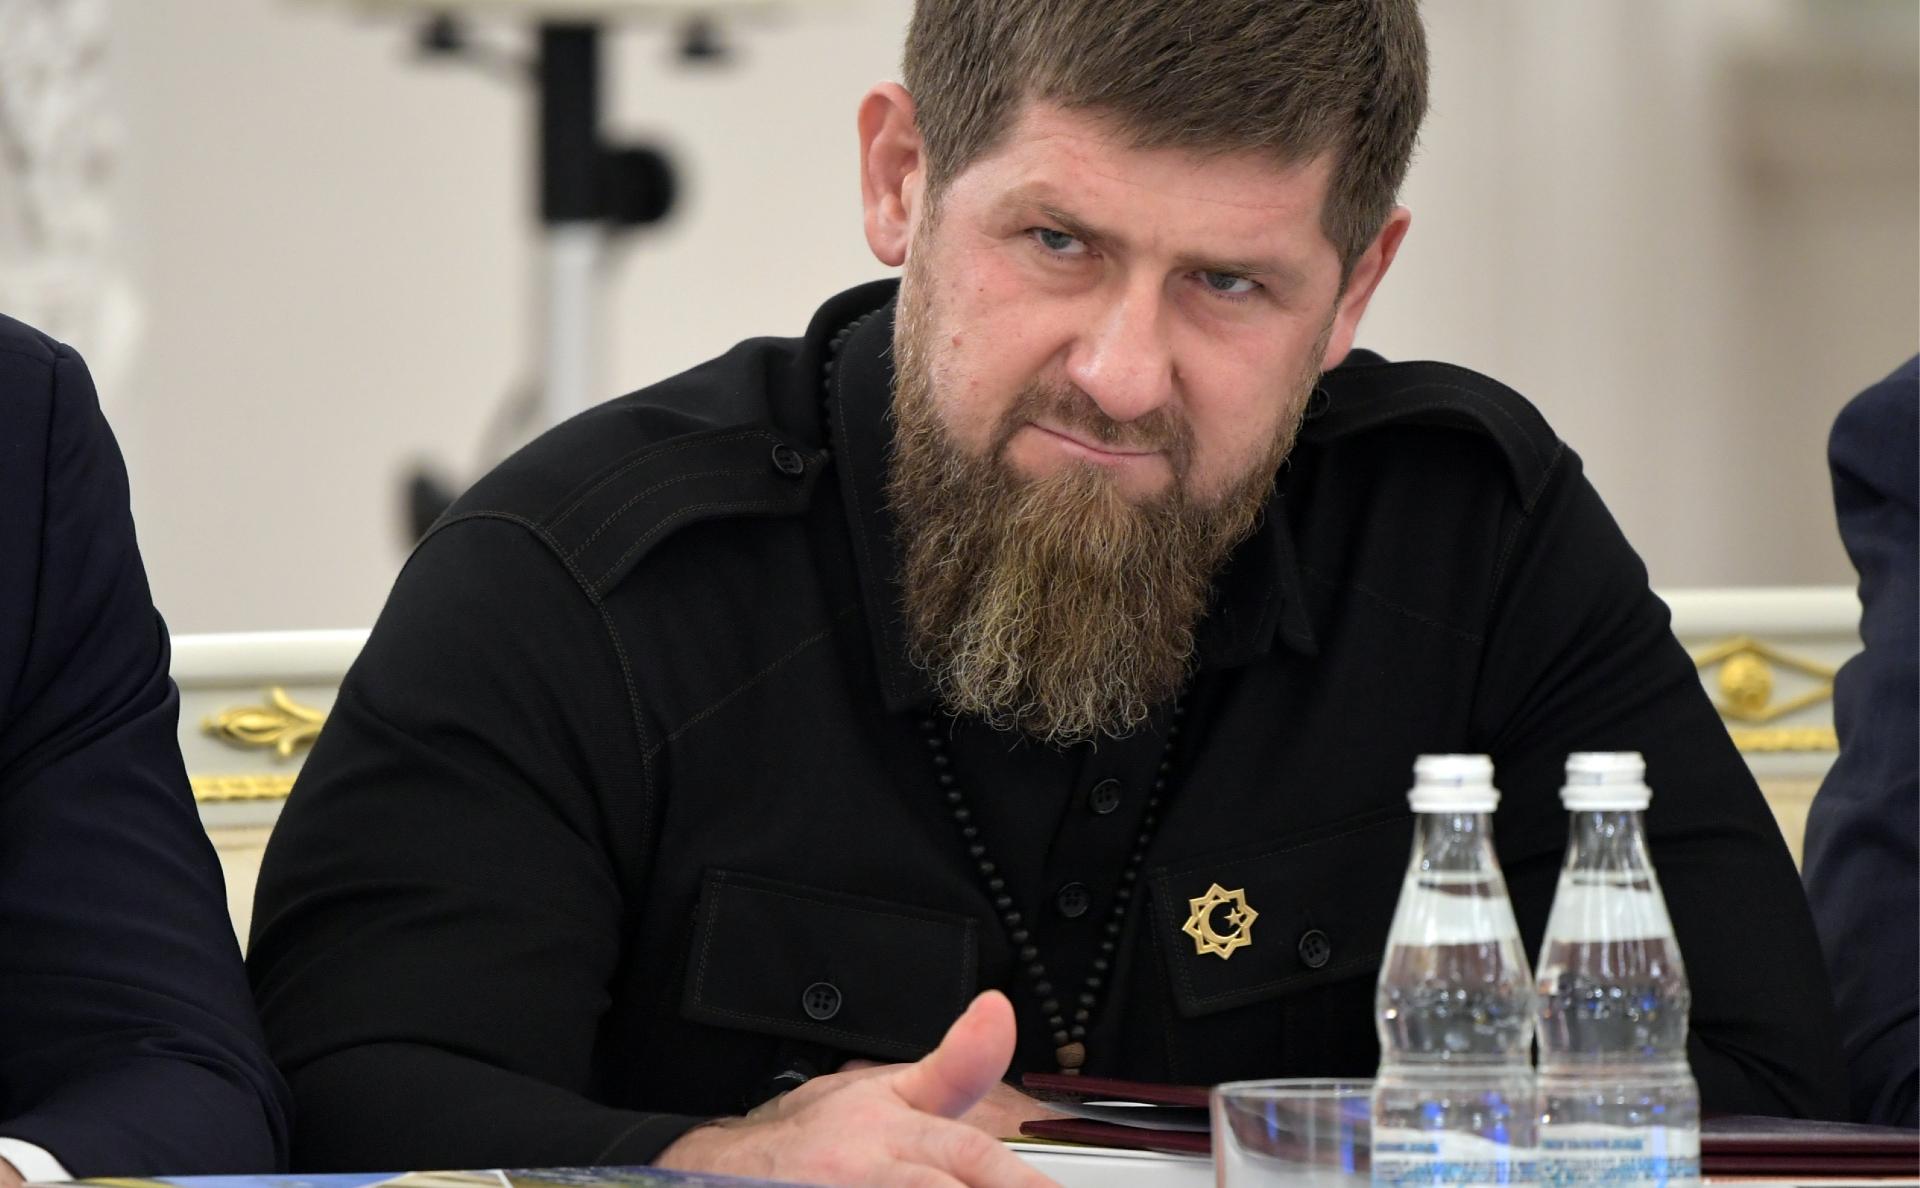 Фото:Сергей Гунеев / РИА Новости